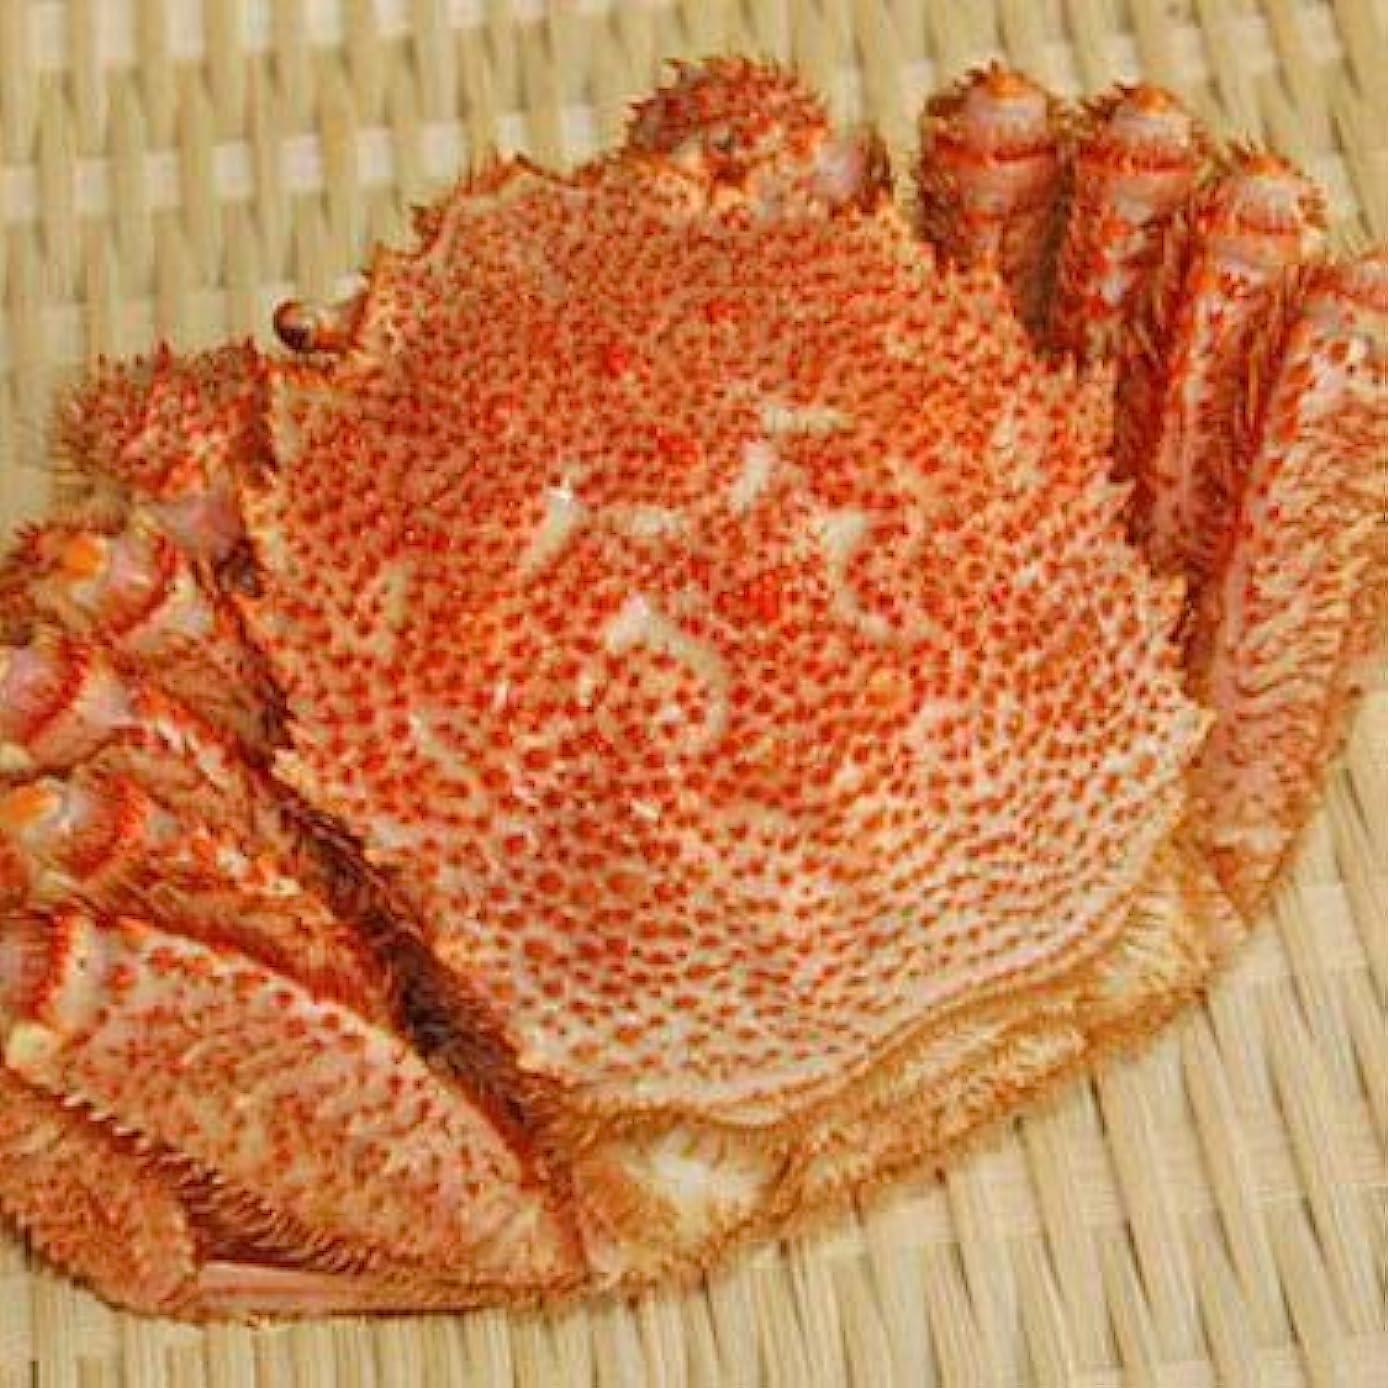 焼く照らす素晴らしい良い多くの【極上】毛ガニ700g(北海道産ボイル冷凍)